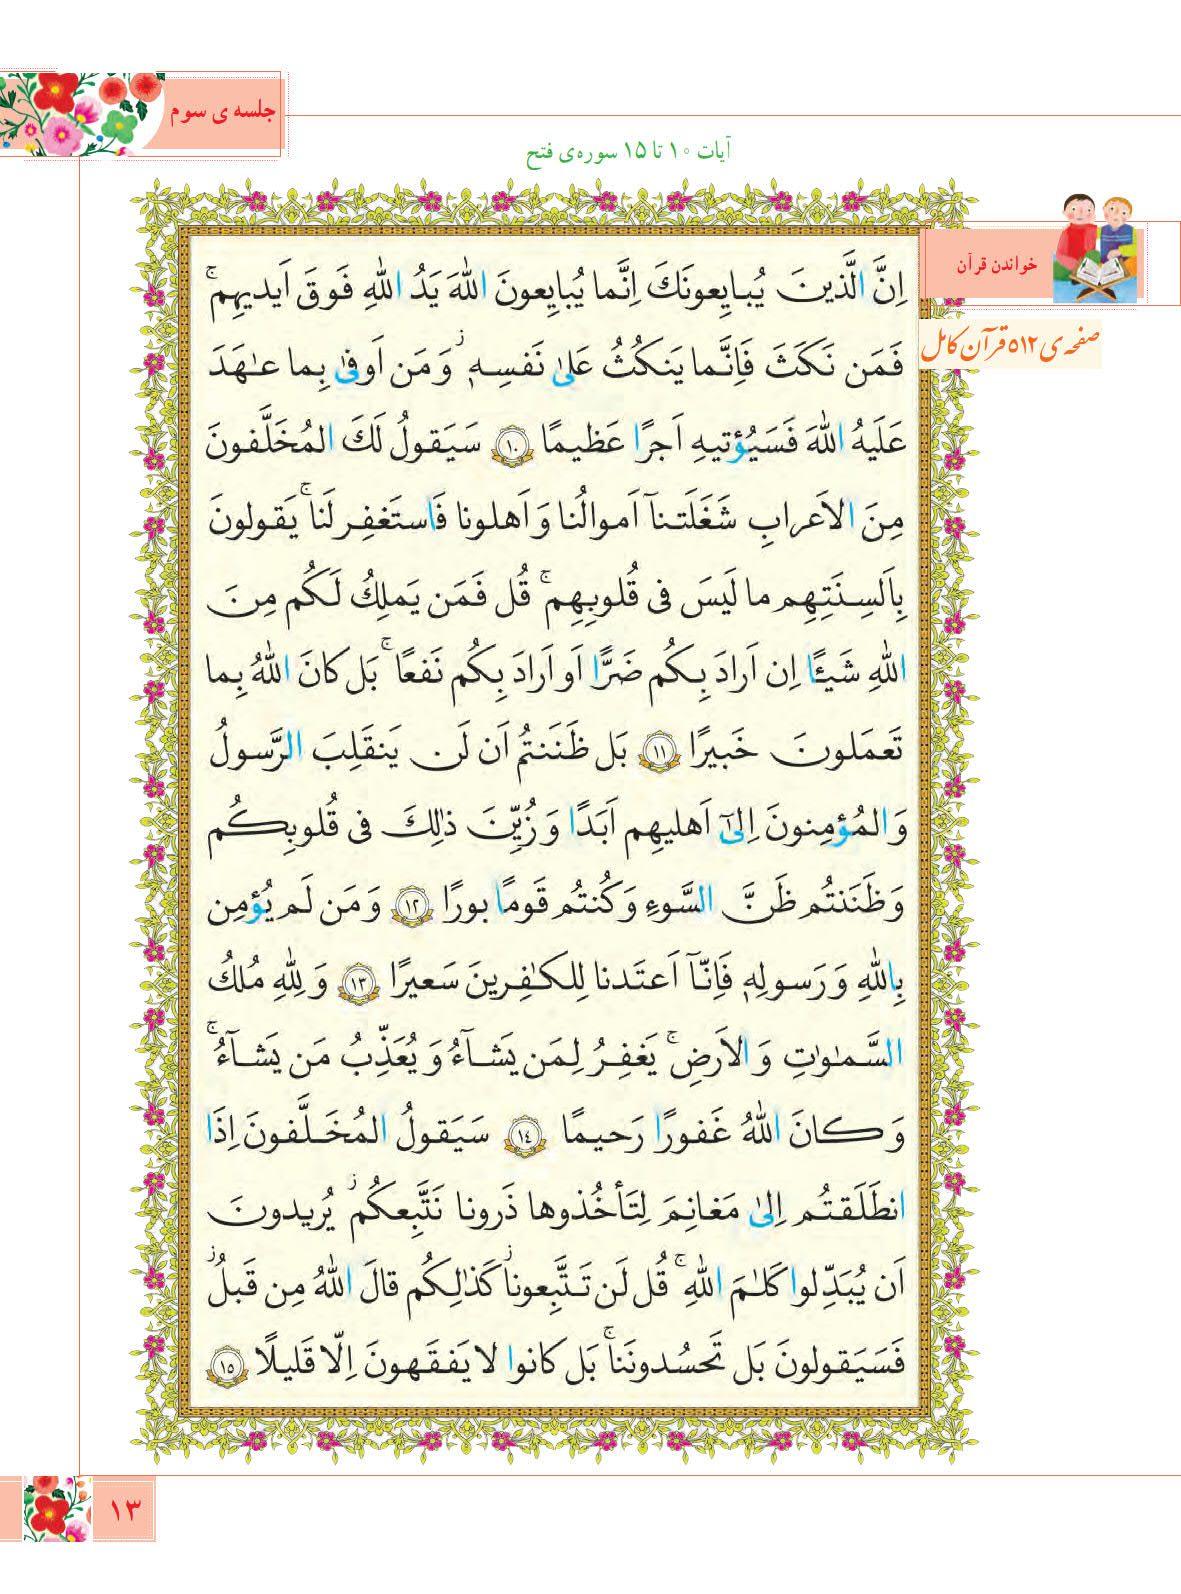 آموزش قرآن پایه ششم ابتدایی - درس دوم - کلاس اینترنتی ما - مومکا - صفحه 13- momeka.ir (1)